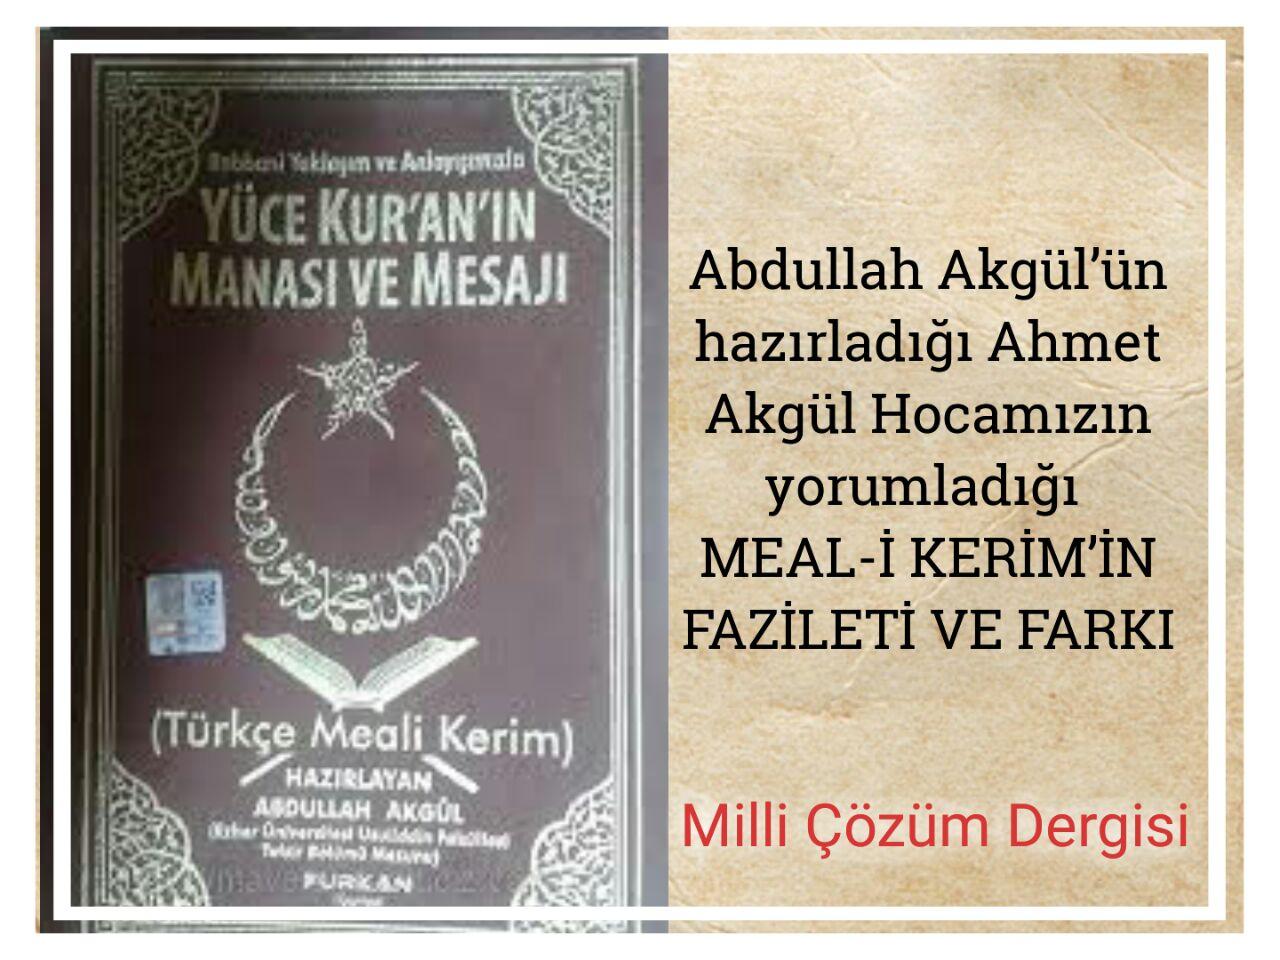 Abdullah Akgül'ün hazırladığı Ahmet Akgül Hocamızın yorumladığı MEAL-İ KERİM'İN FAZİLETİ VE FARKI